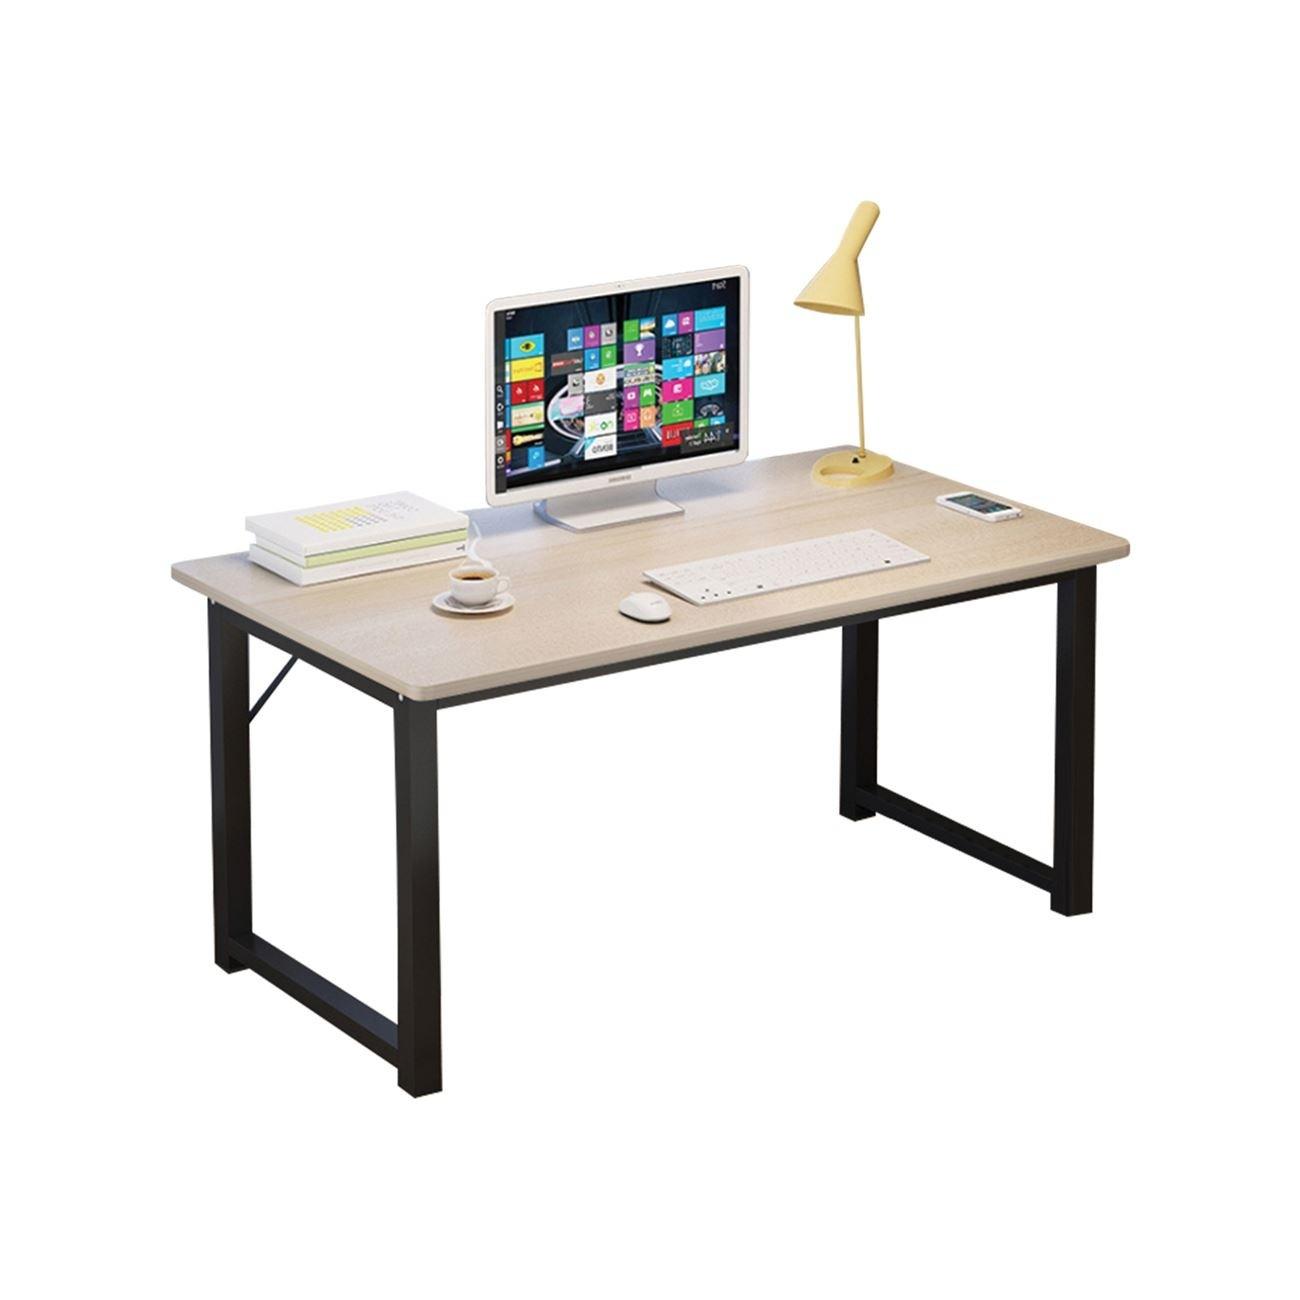 Γραφείο με μεταλλικό σκελετό 100x60cm